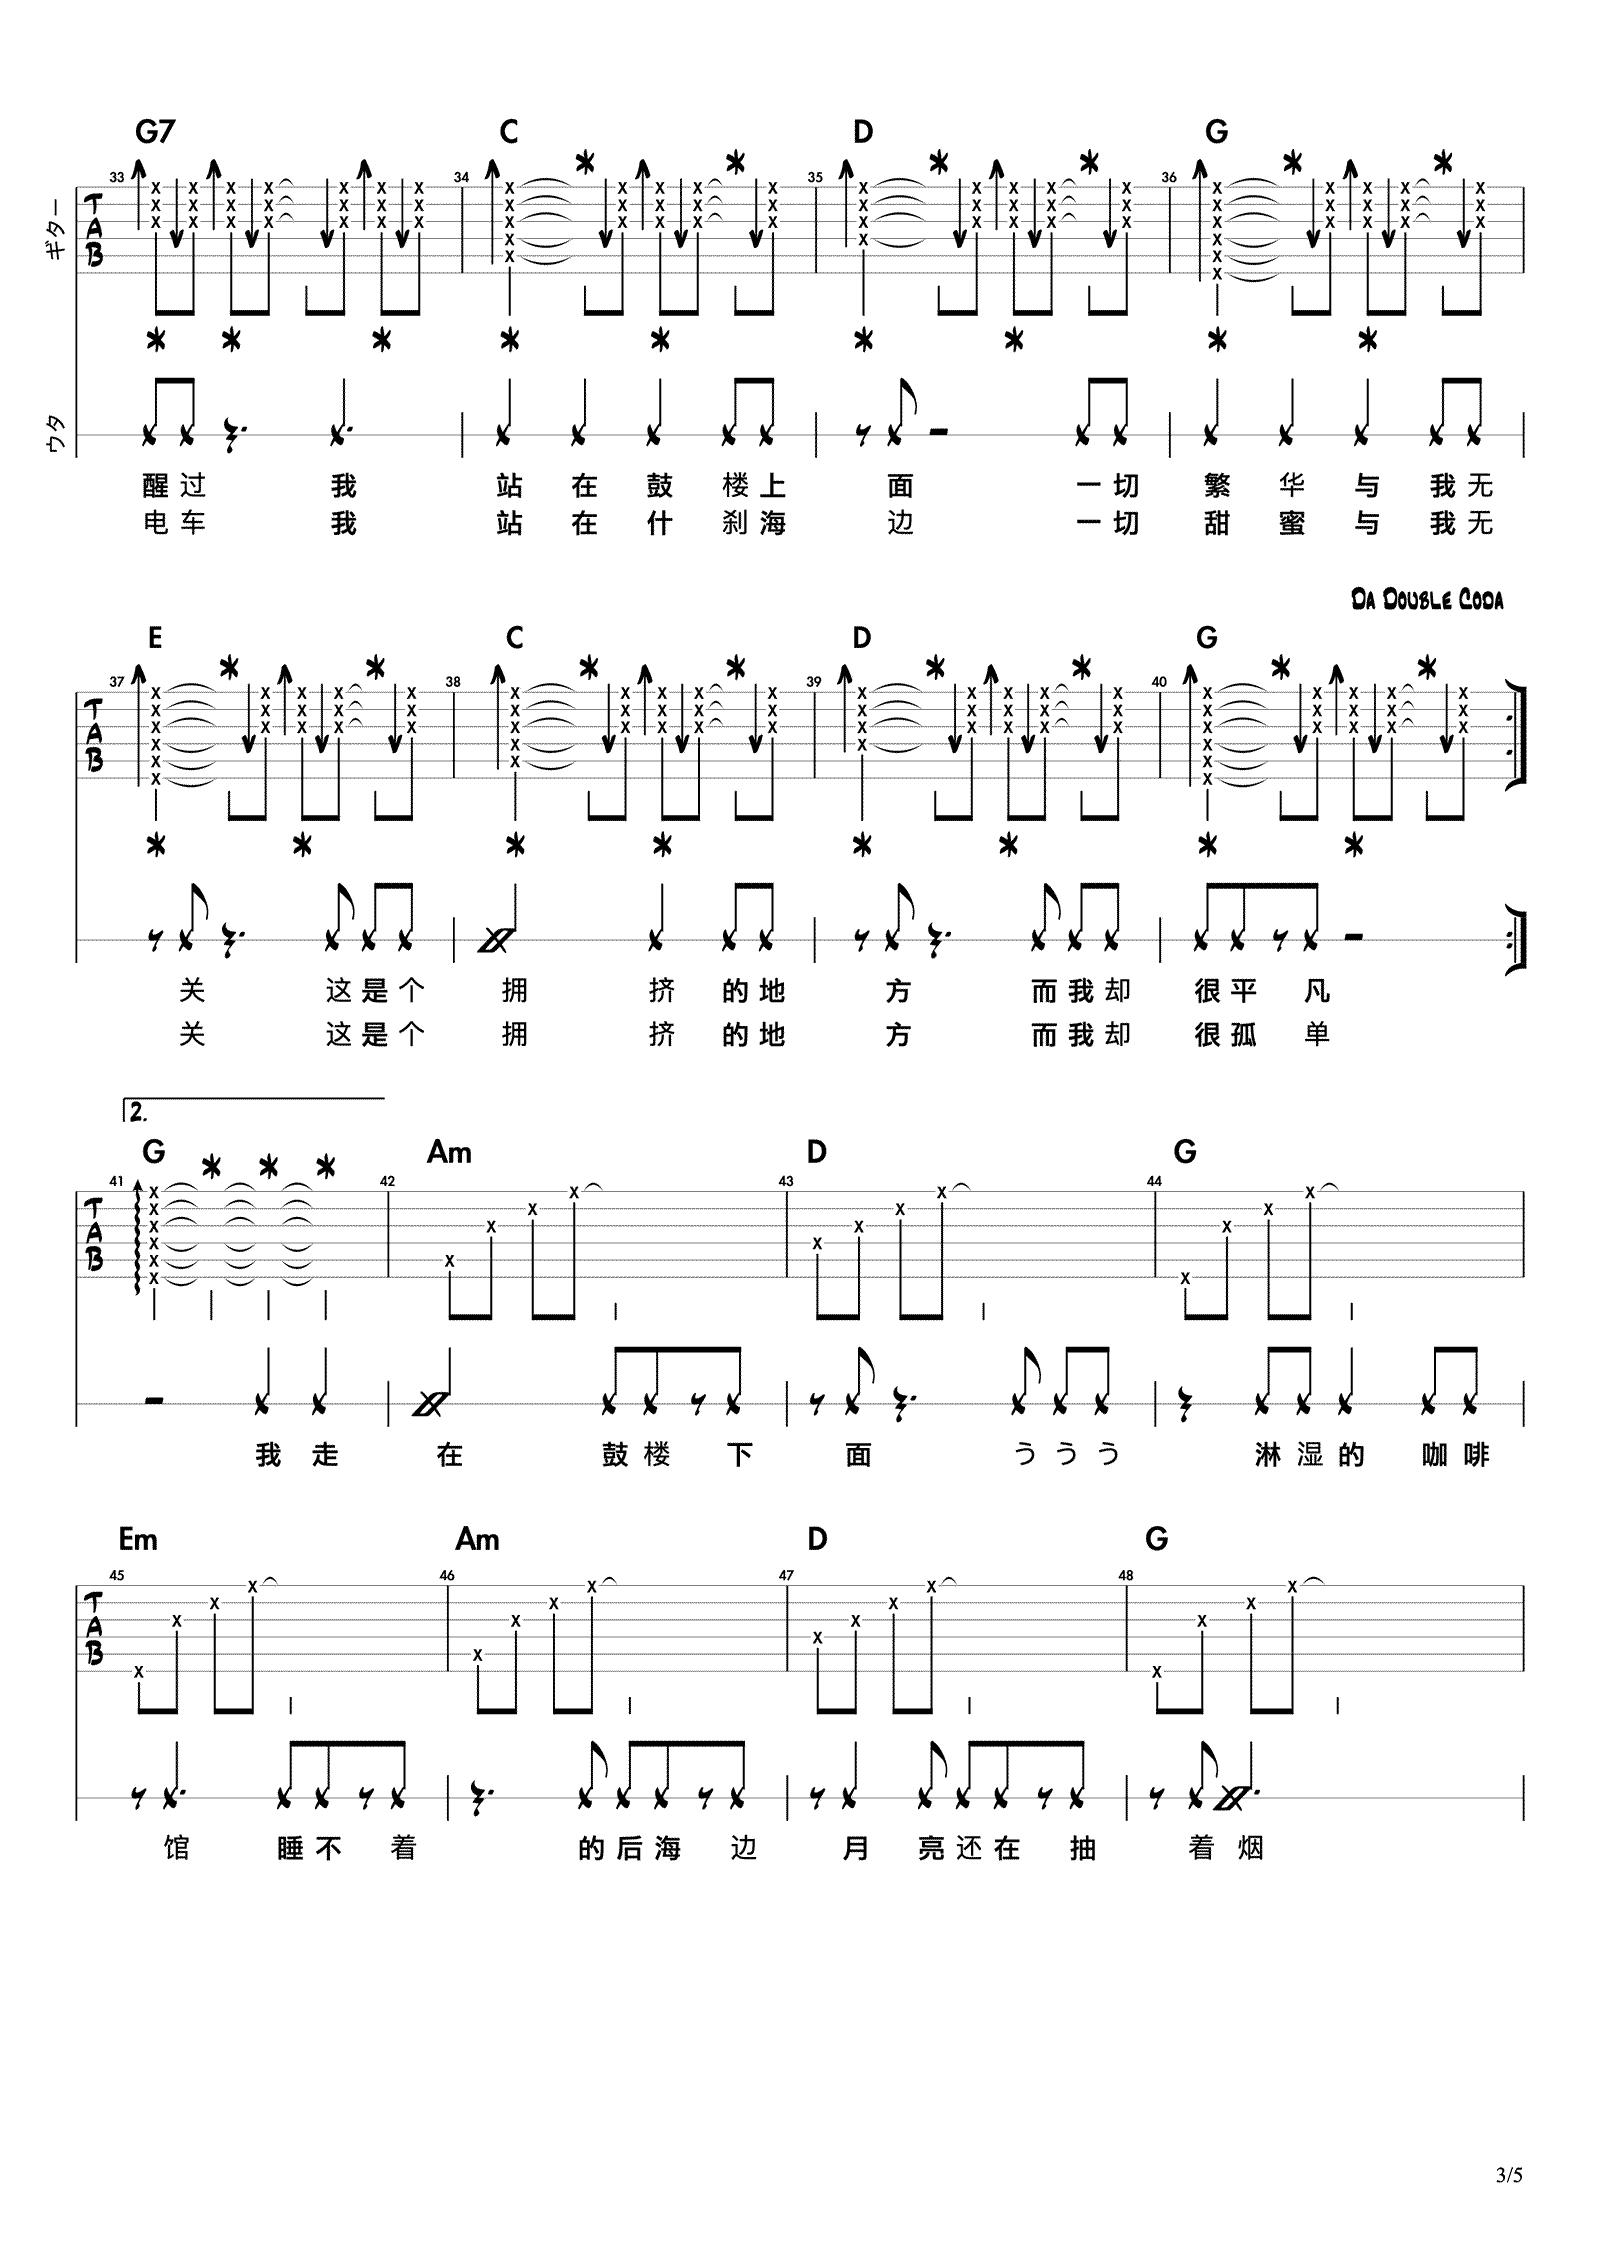 鼓楼吉他谱_赵雷-3